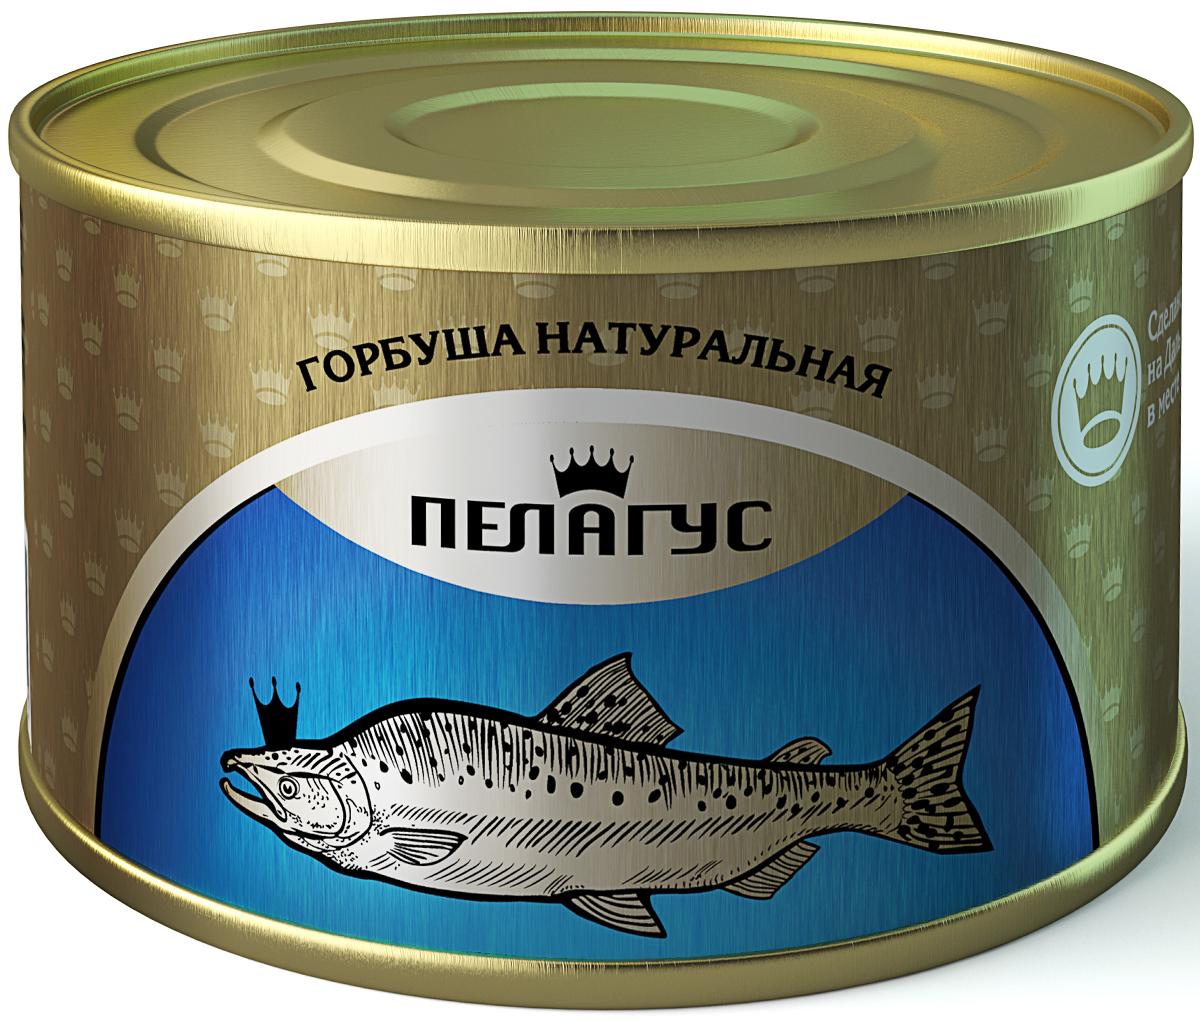 Пелагус горбуша натуральная, 245 г4627098460095Изготовлено в море из свежевыловленной рыбы. Натуральный и вкусный продукт.